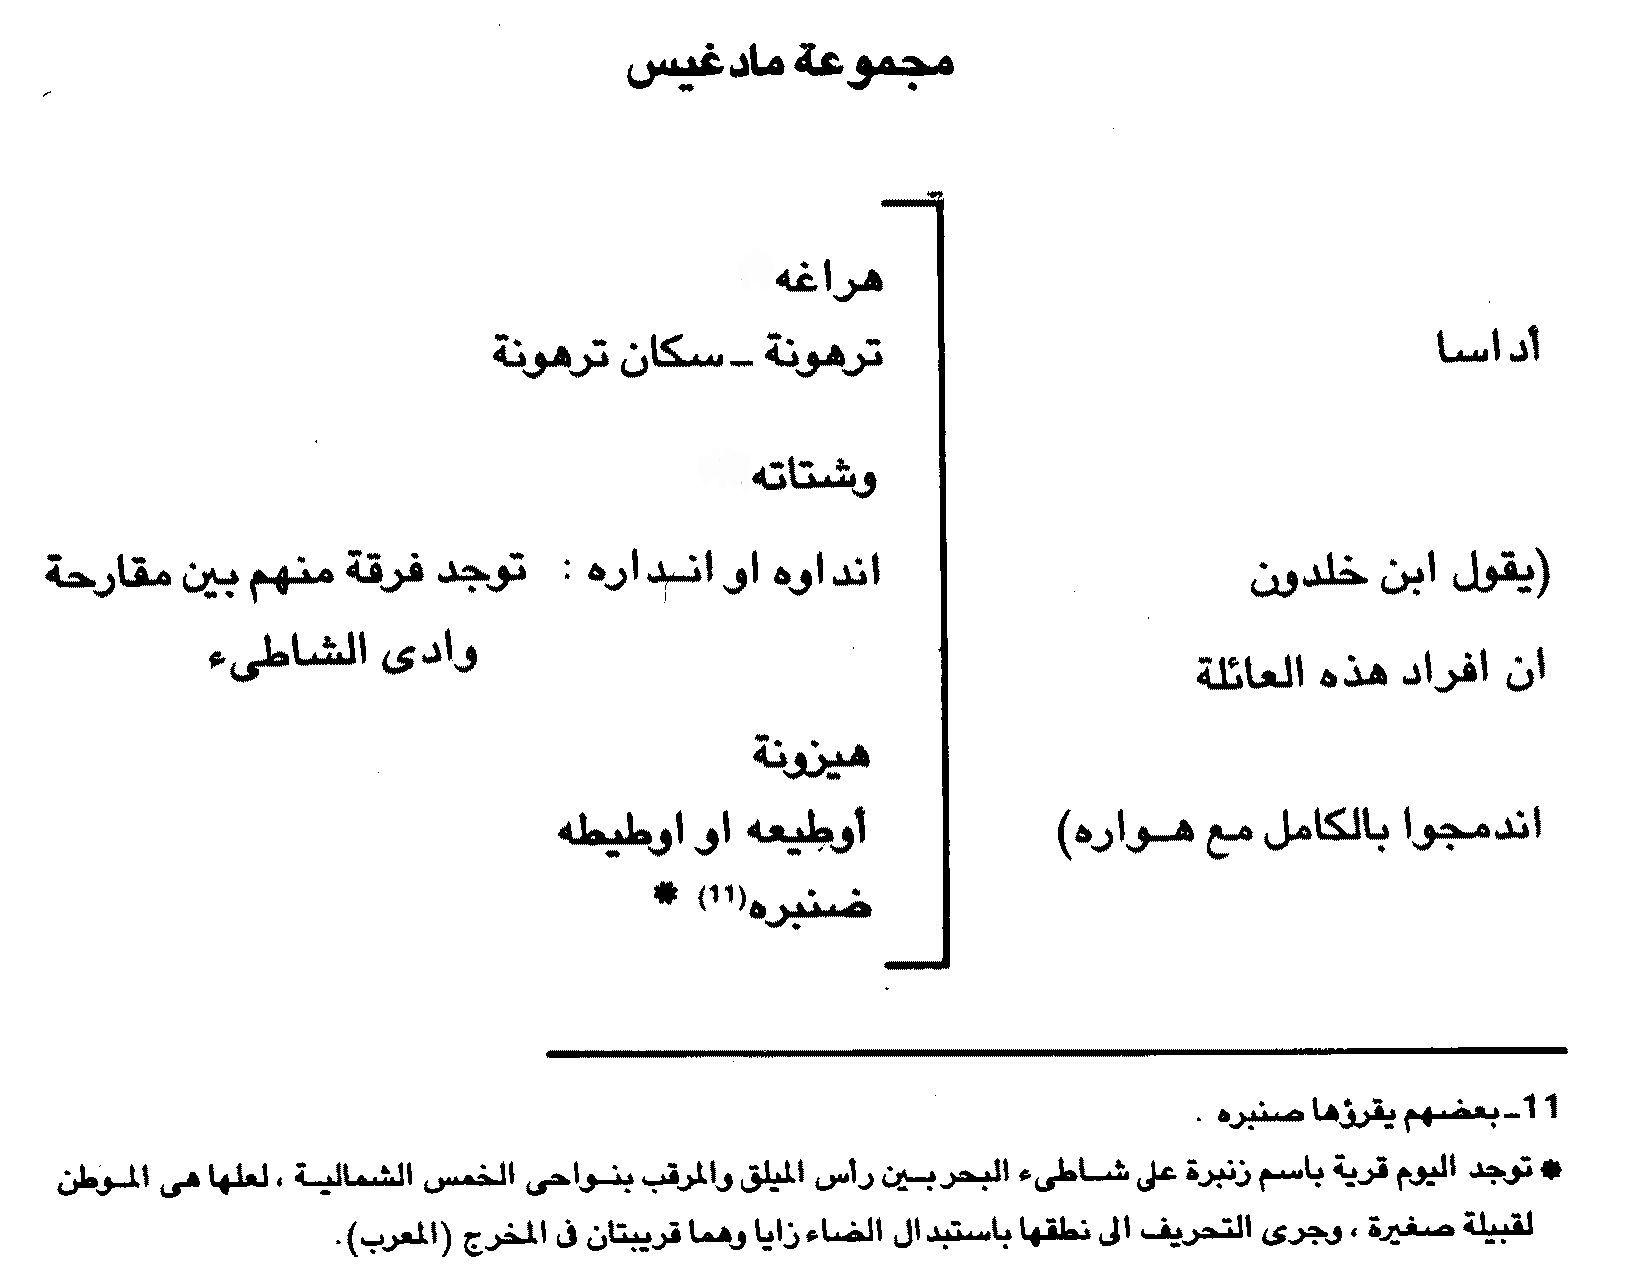 تعليق حسن الهادي بن يونس على قبيلة زنبرة في كتاب سكان طرابلس الغرب لاسماعيل كمالي الارناؤوط ص17